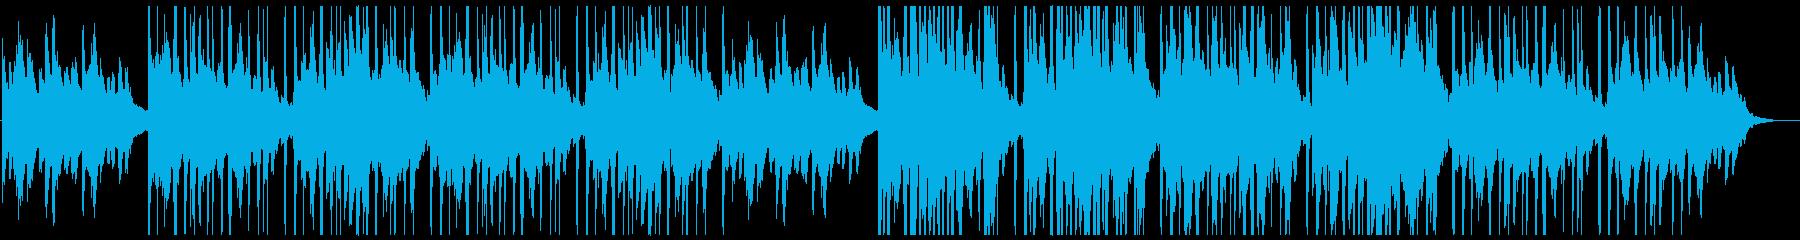 仲間をイメージした曲ですの再生済みの波形